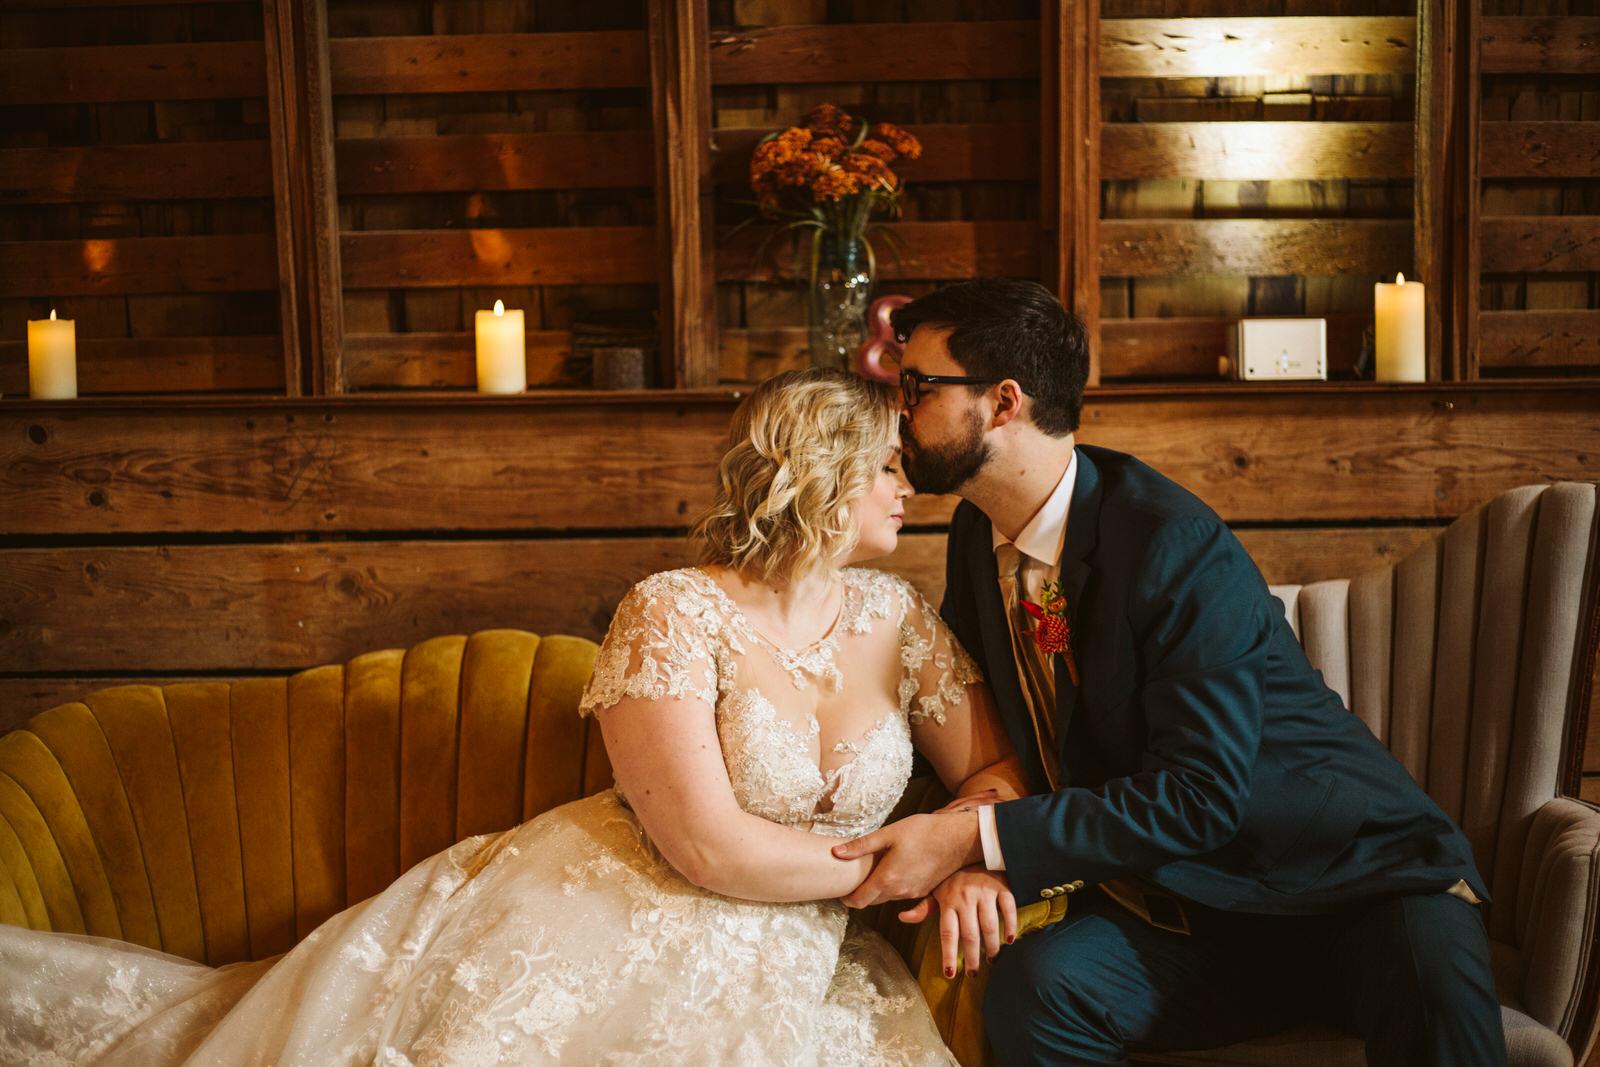 GW1 7149 Wedding Venue Open House Snohomish